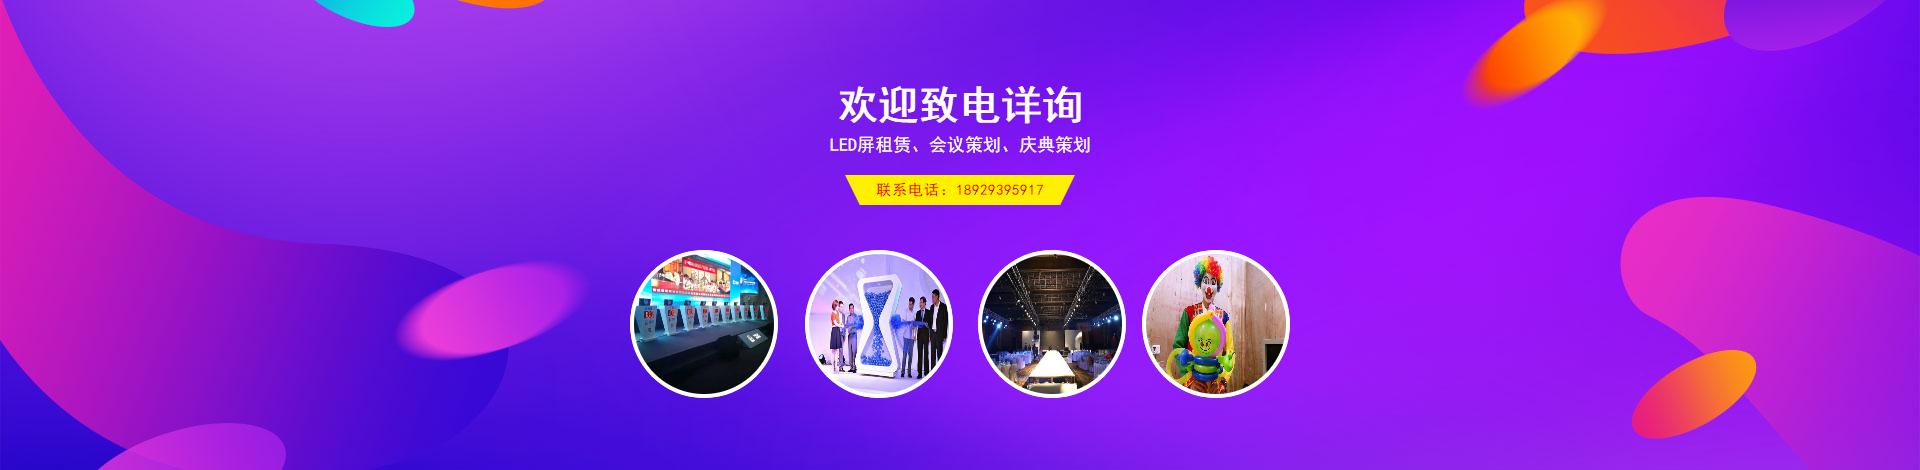 深圳市招财牛广告策划执行有限公司